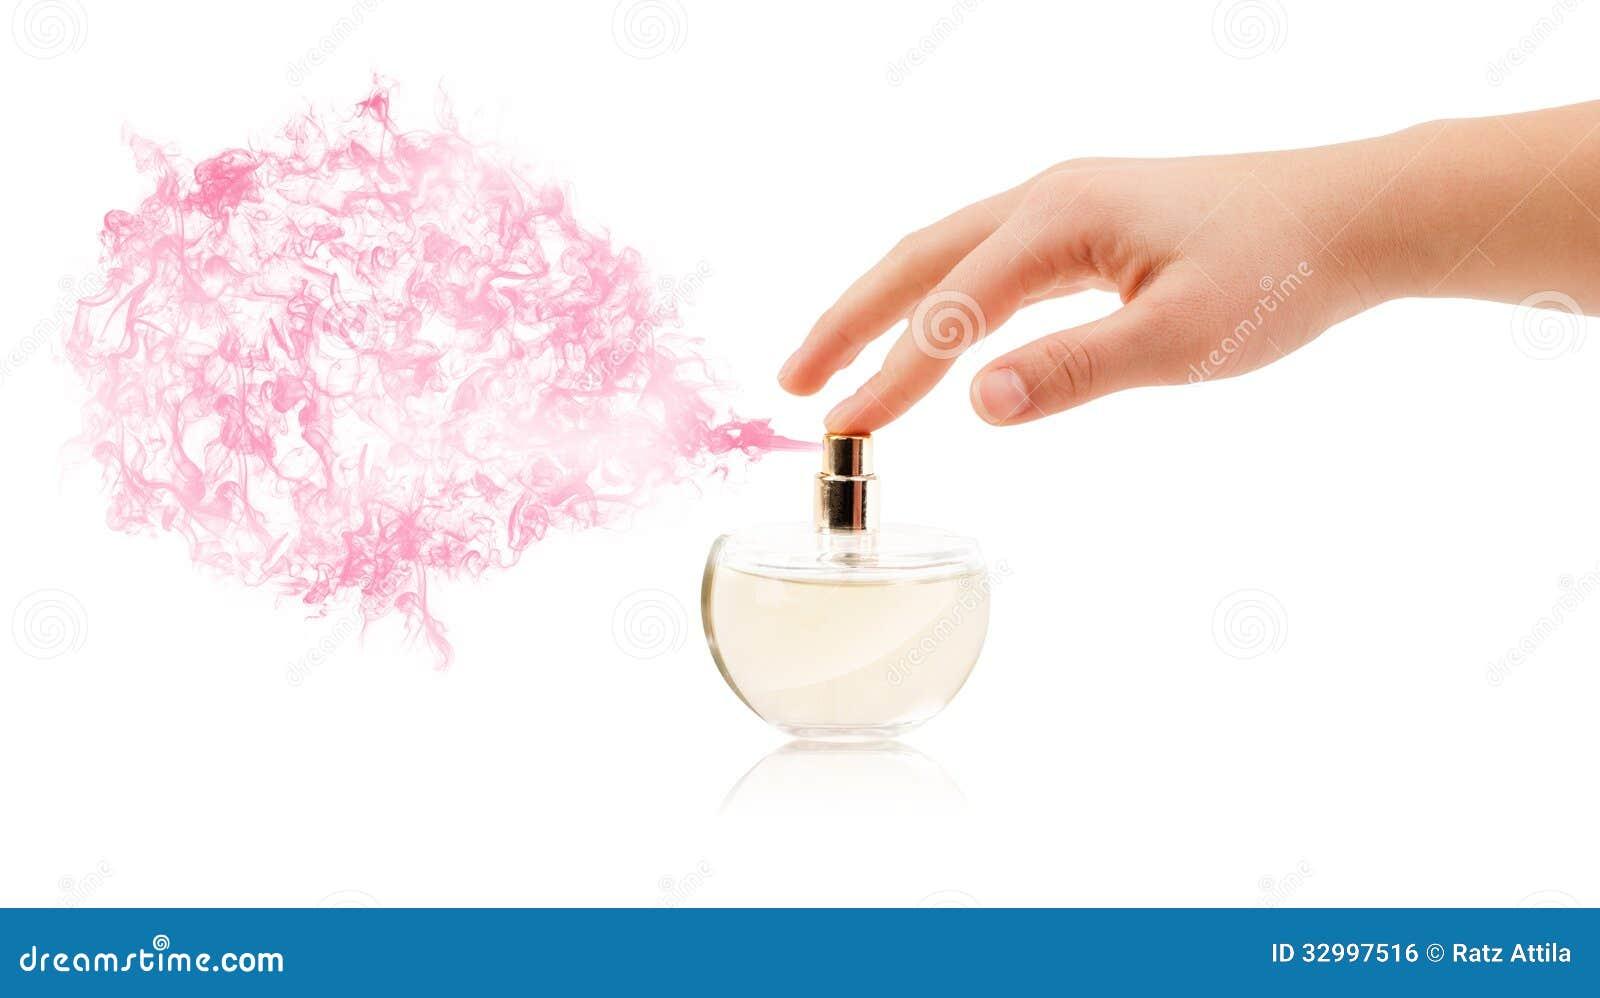 manos de la mujer que roc an perfume imagen de archivo libre de regal as imagen 32997516. Black Bedroom Furniture Sets. Home Design Ideas